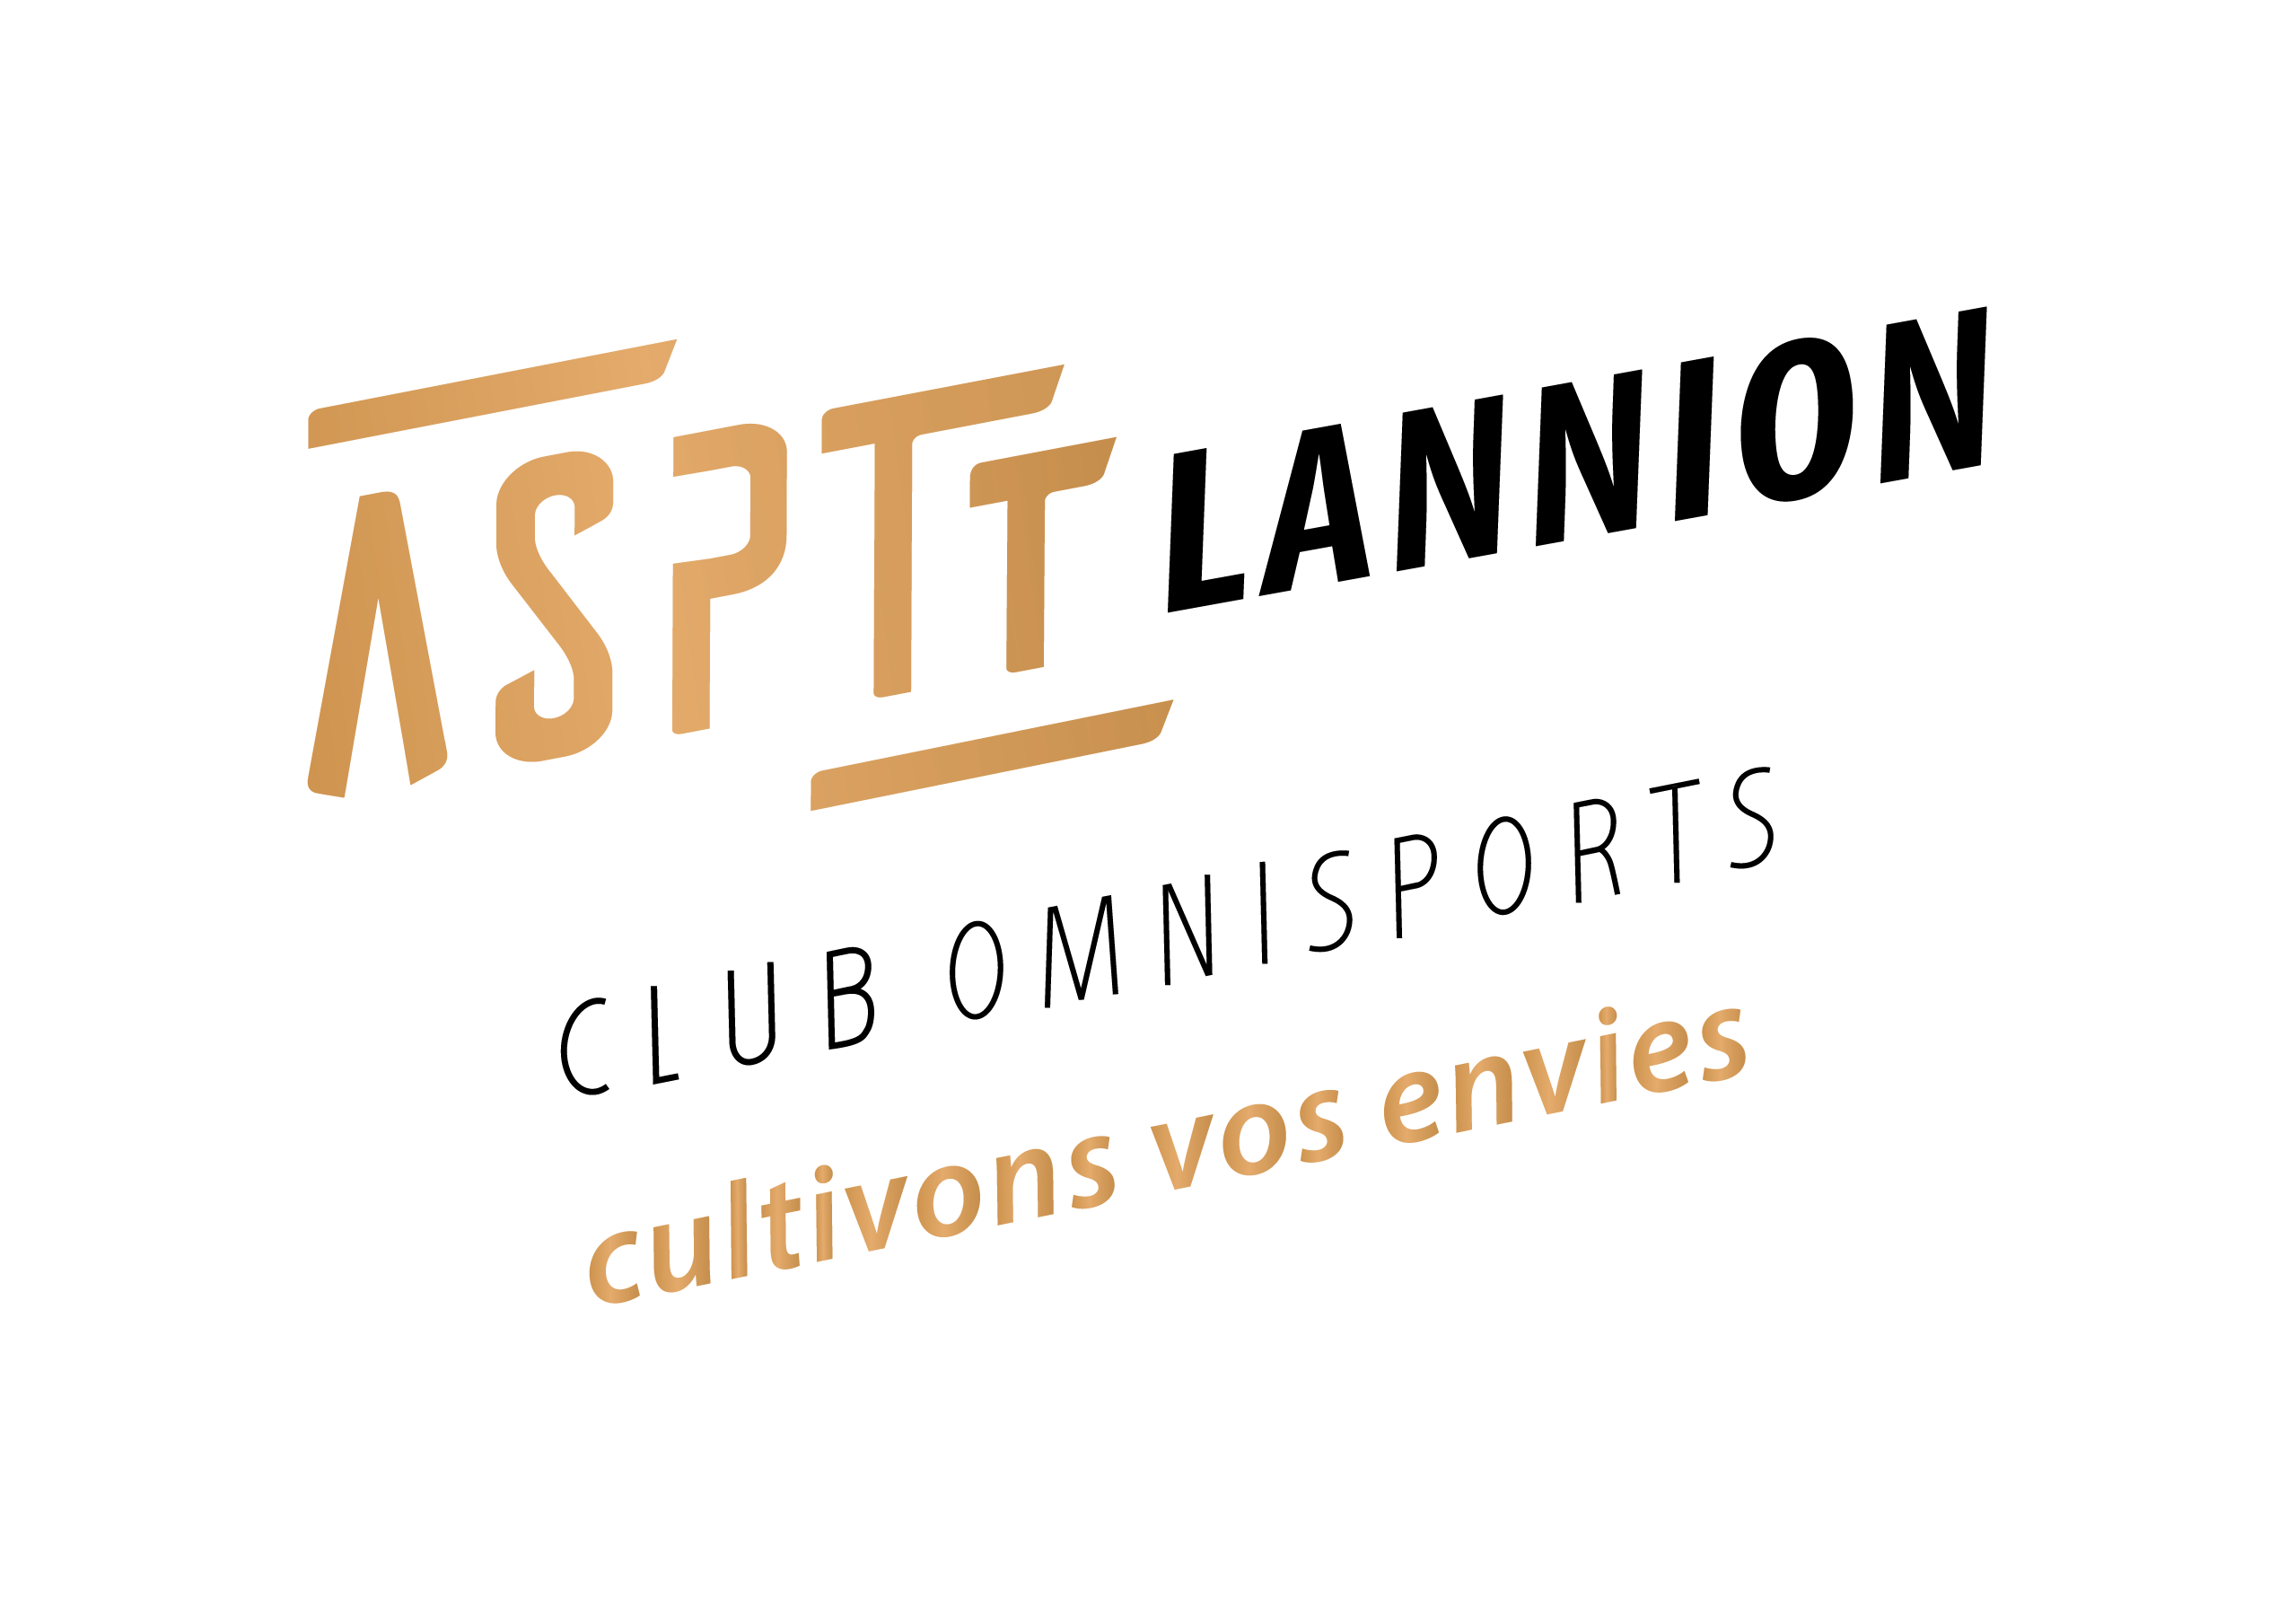 Un club omnisports ouvert à tous - 21 activités - Cultivons vos envies